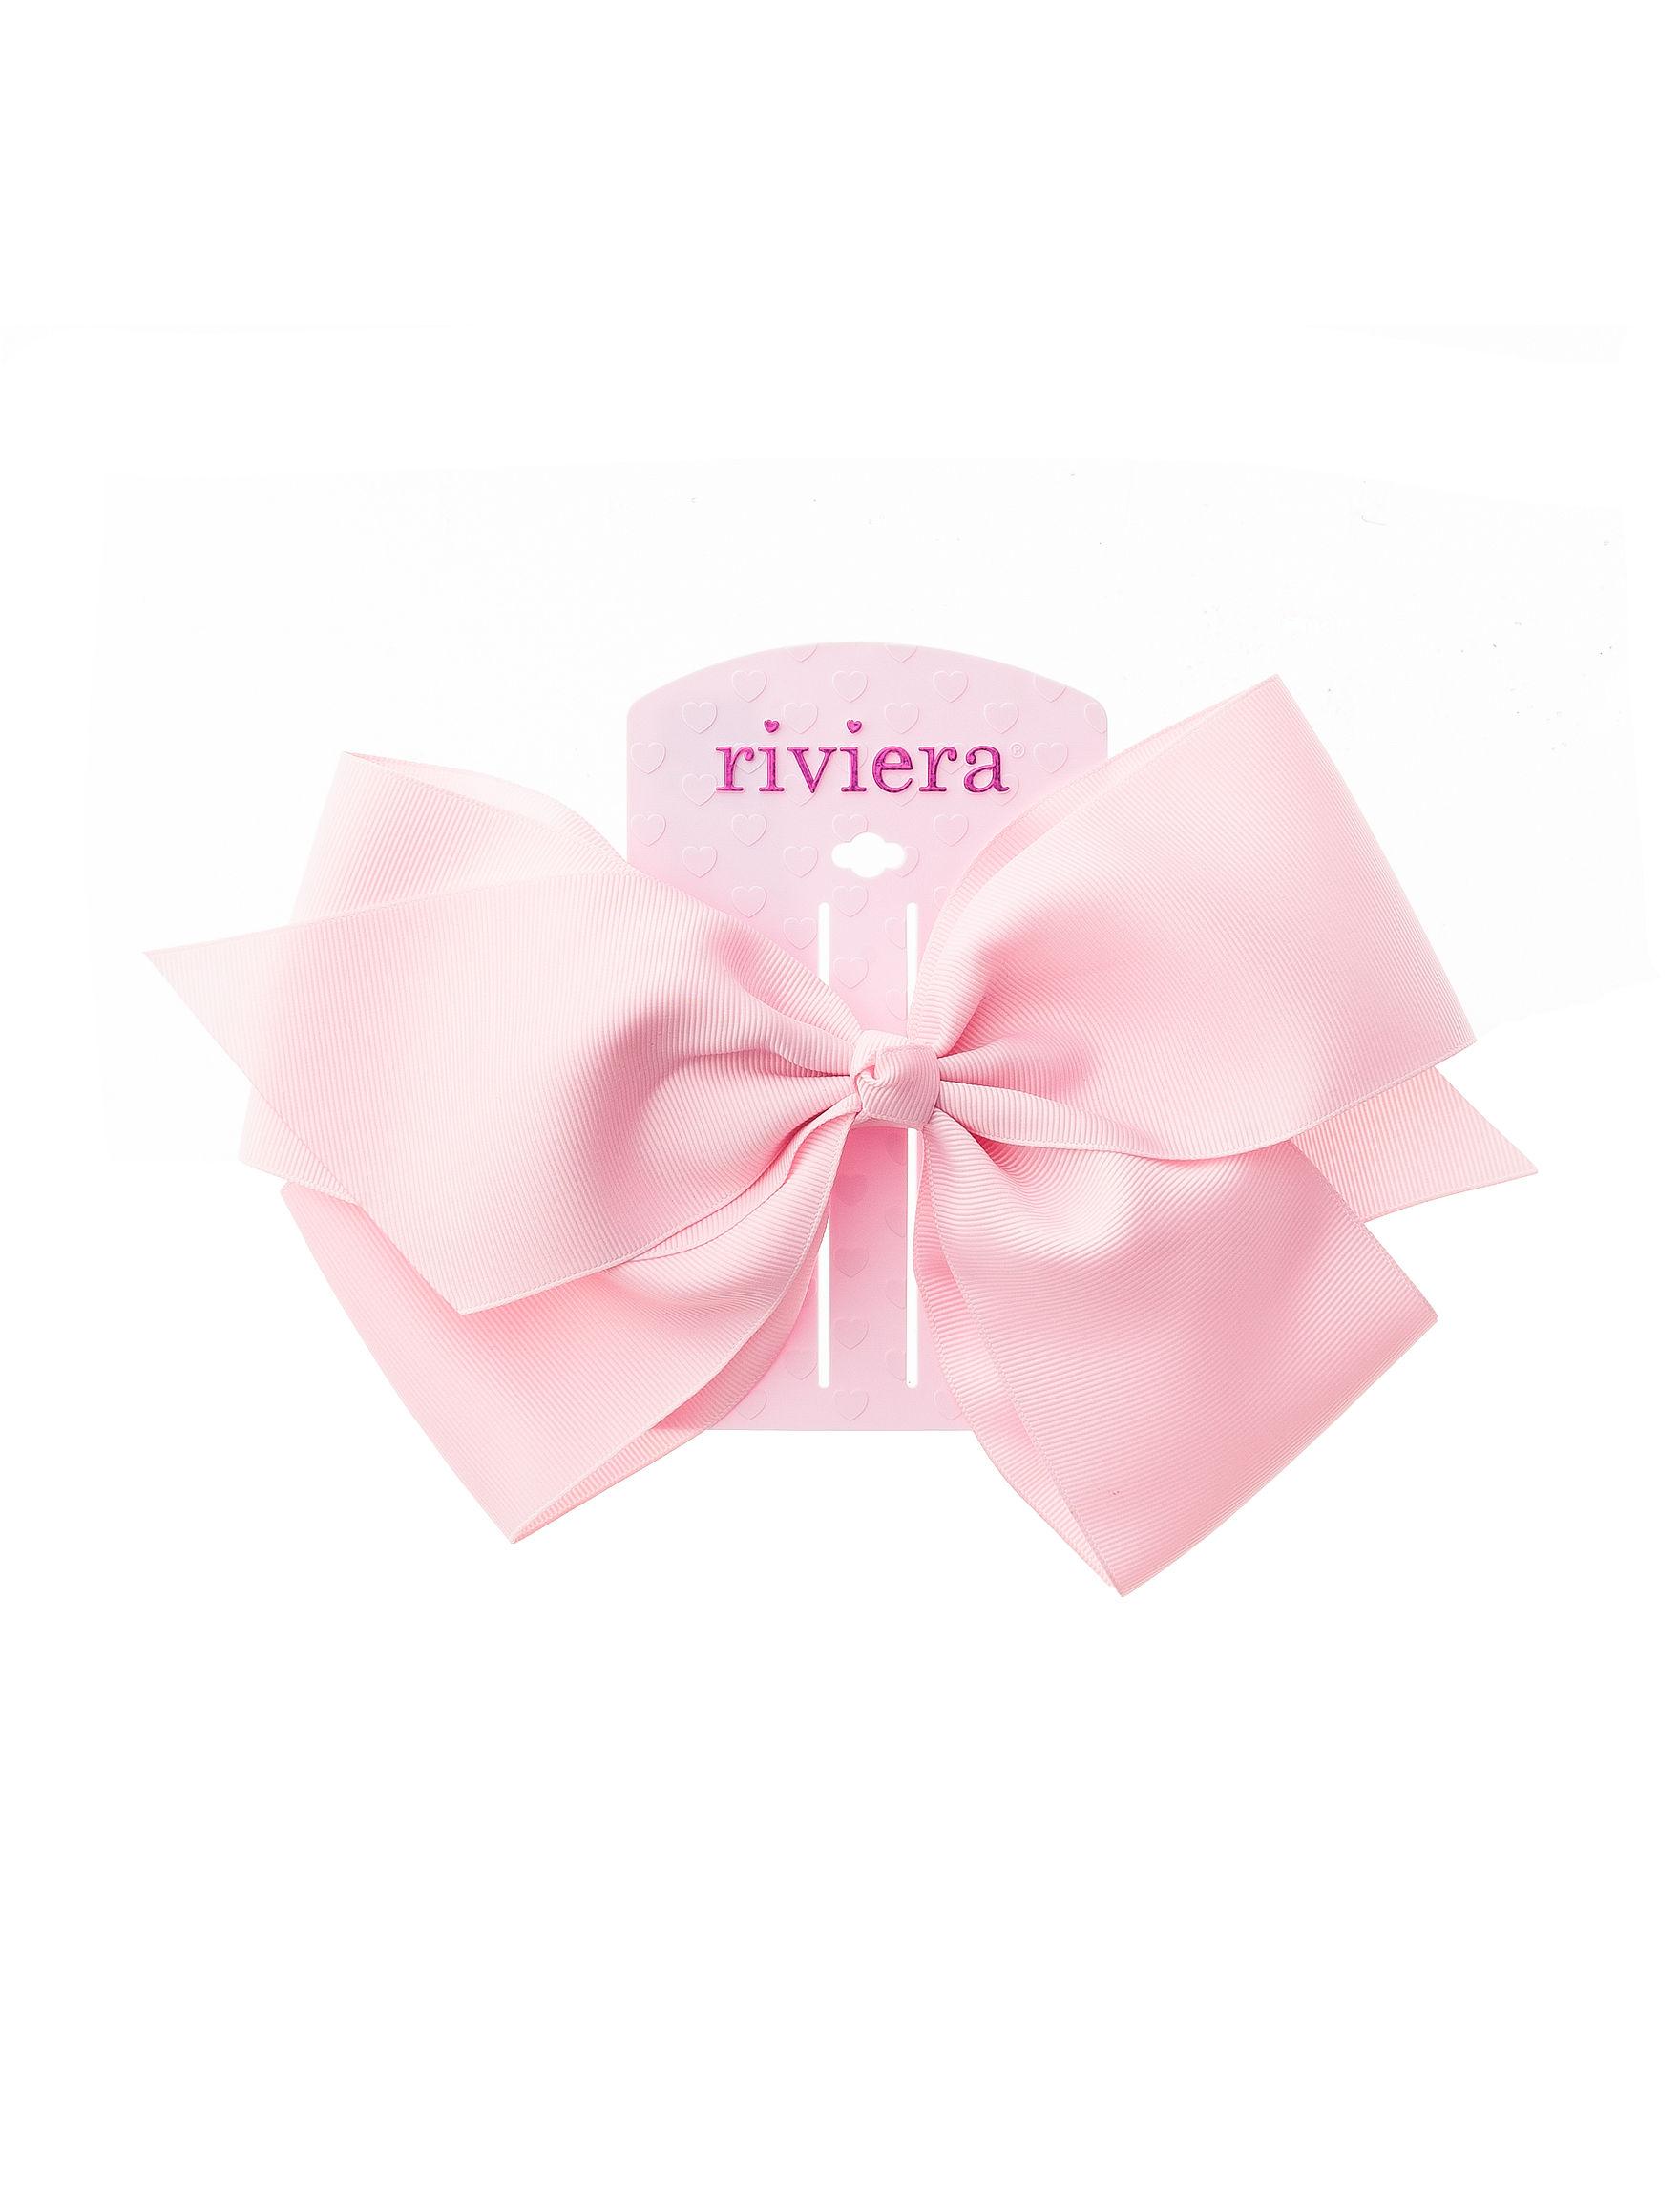 Riviera Coral